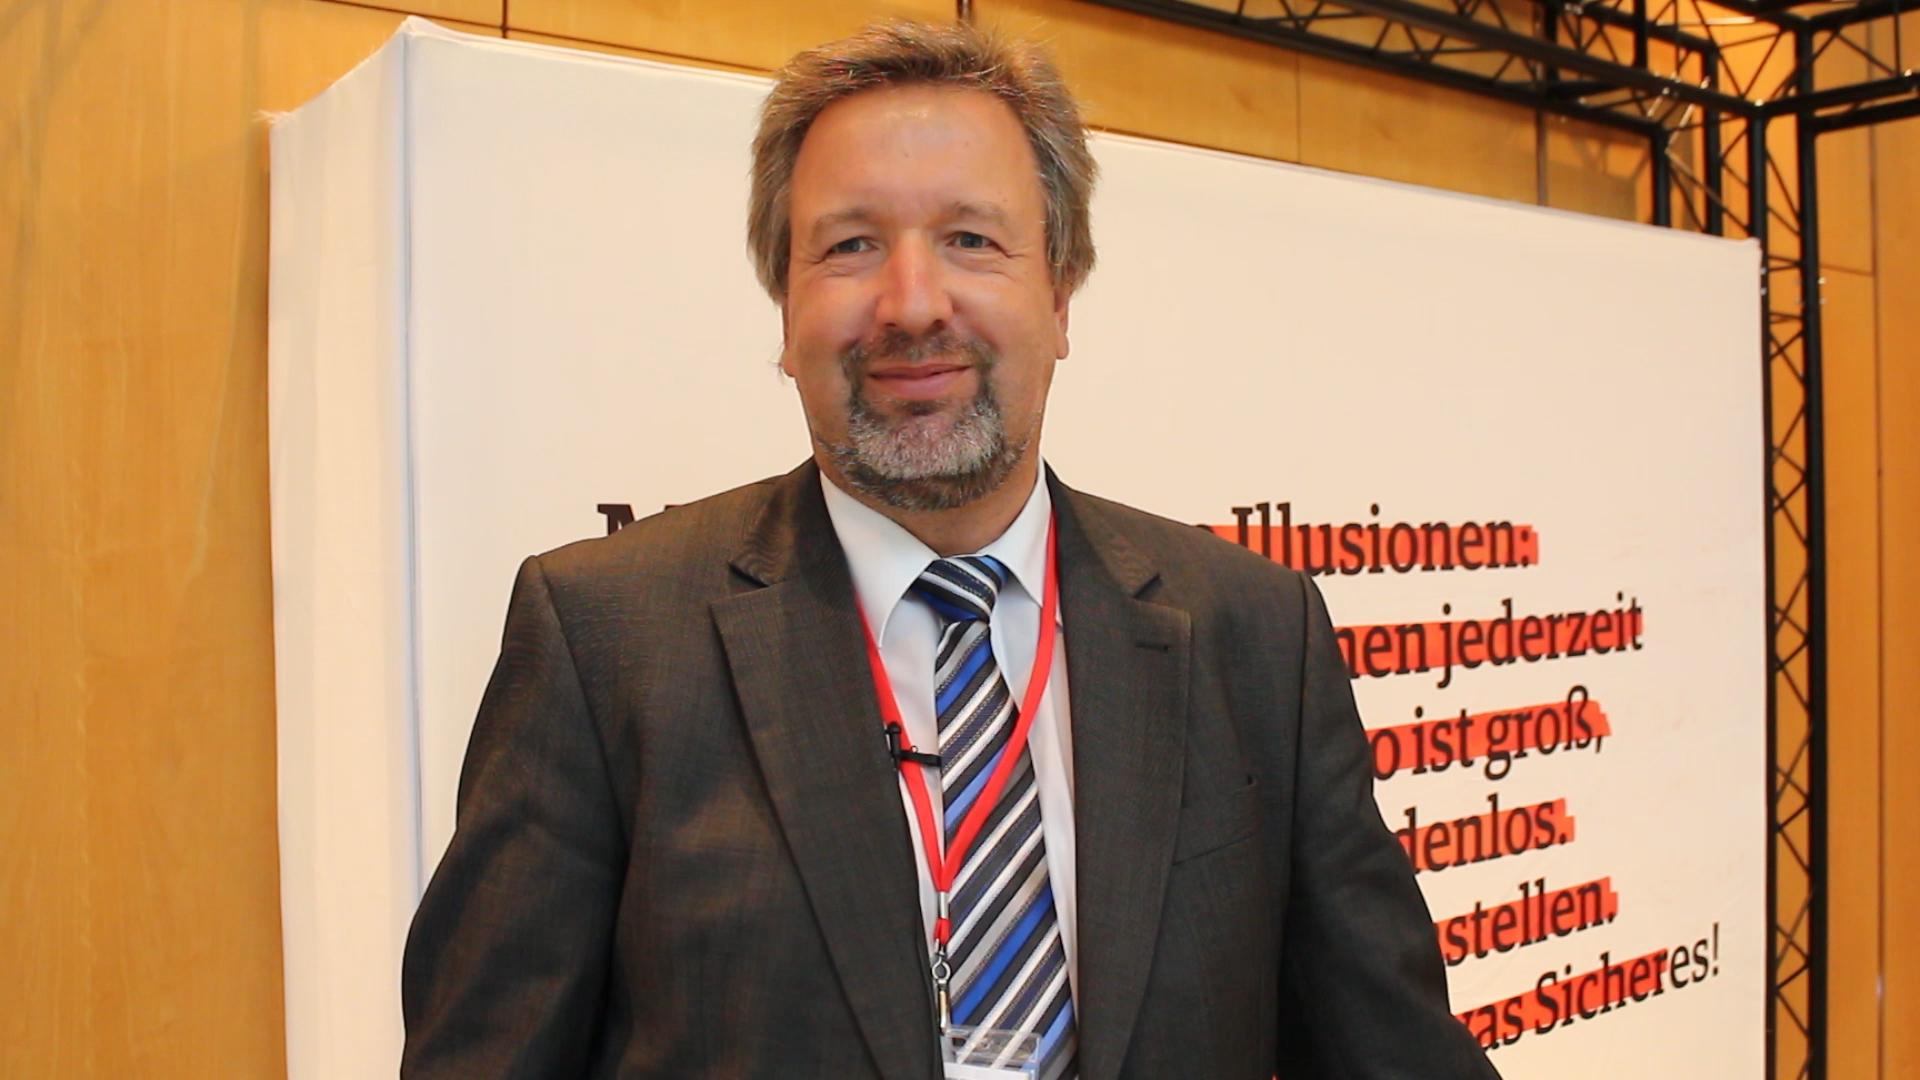 Gerald Svarovsky